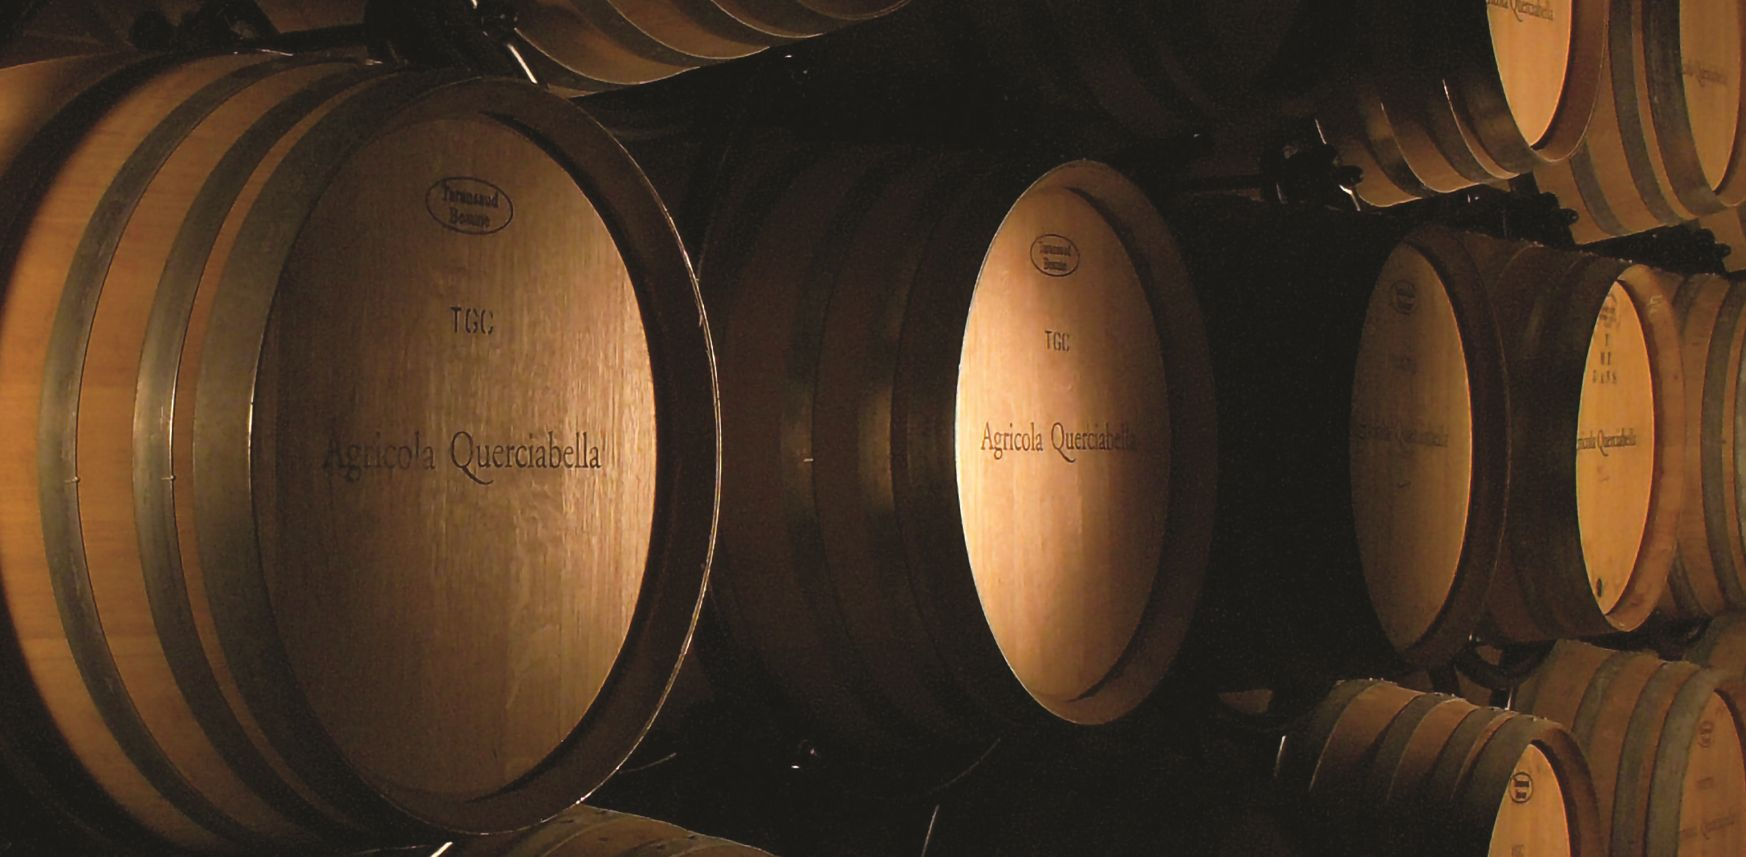 Migliori vini italiani: Querciabella tra le 100 Eccellenze Italiane di Forbes